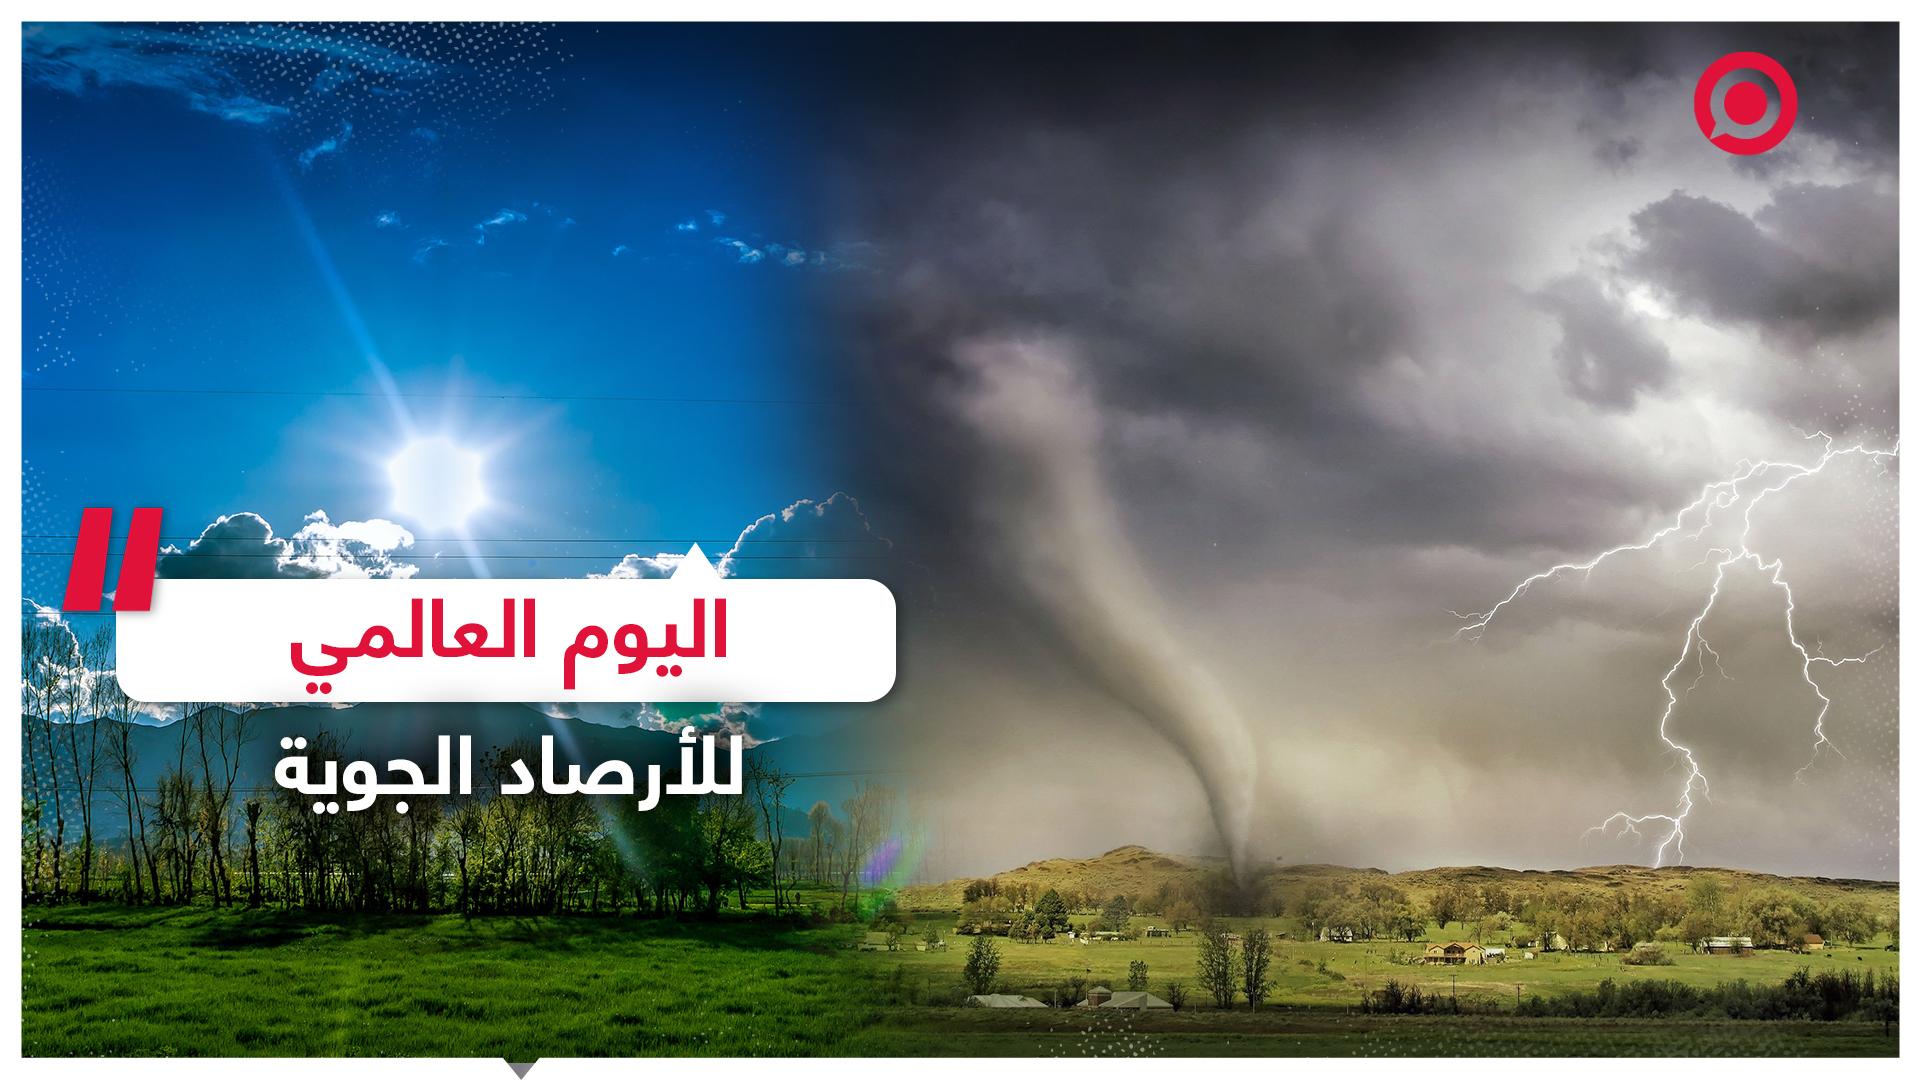 اليوم العالمي للأرصاد الجوية... علم غيّر حياة البشر وأنقذ أرواحا لا تحصى